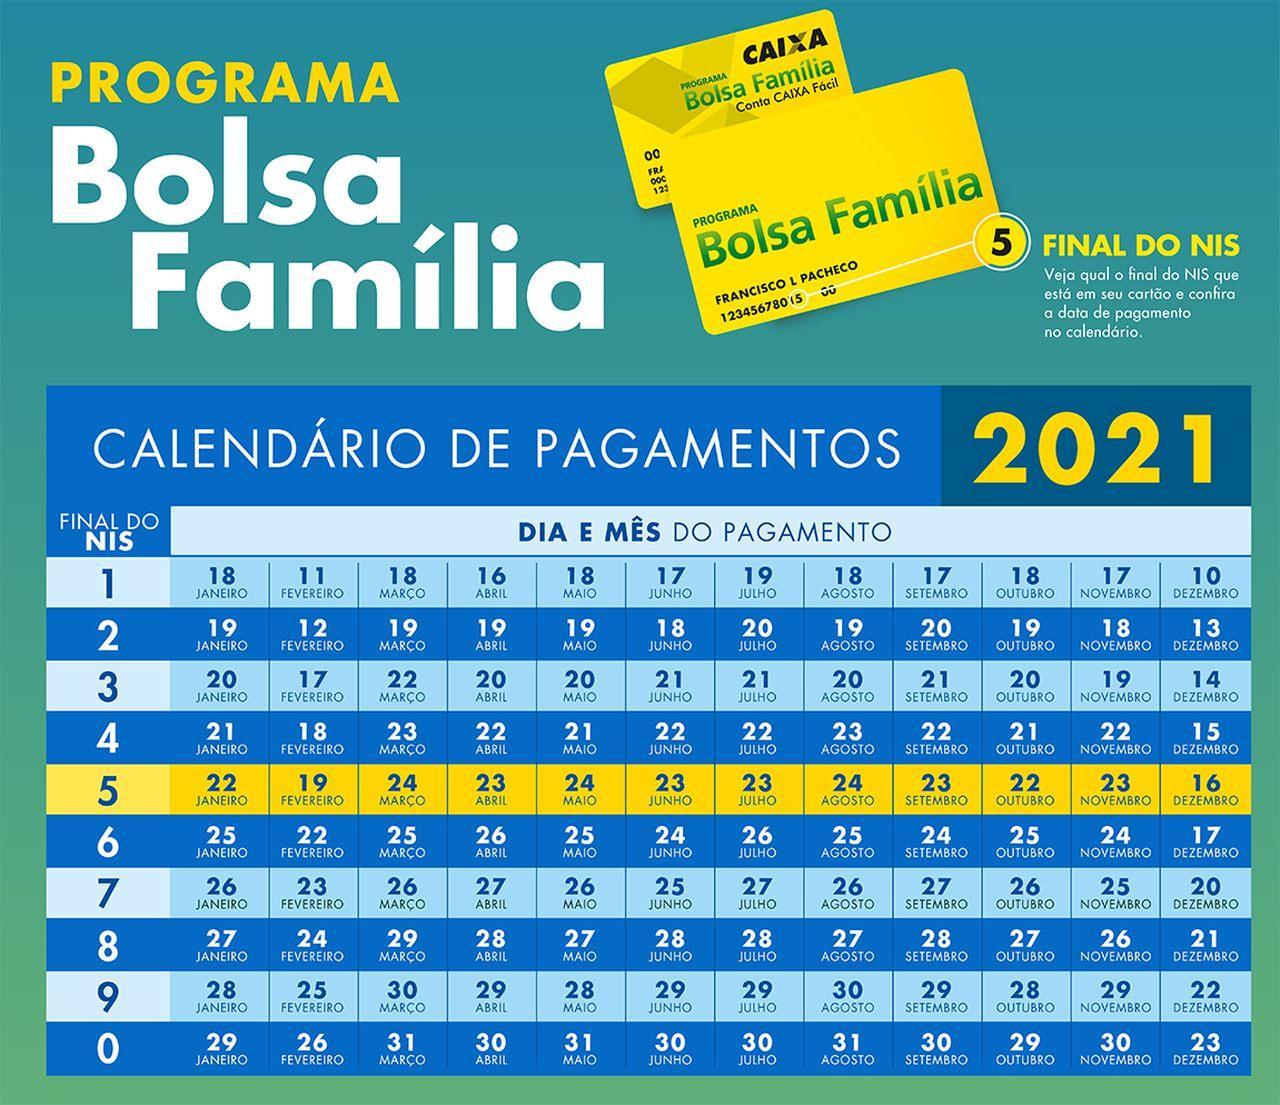 Calendário do Bolsa Família em 2021